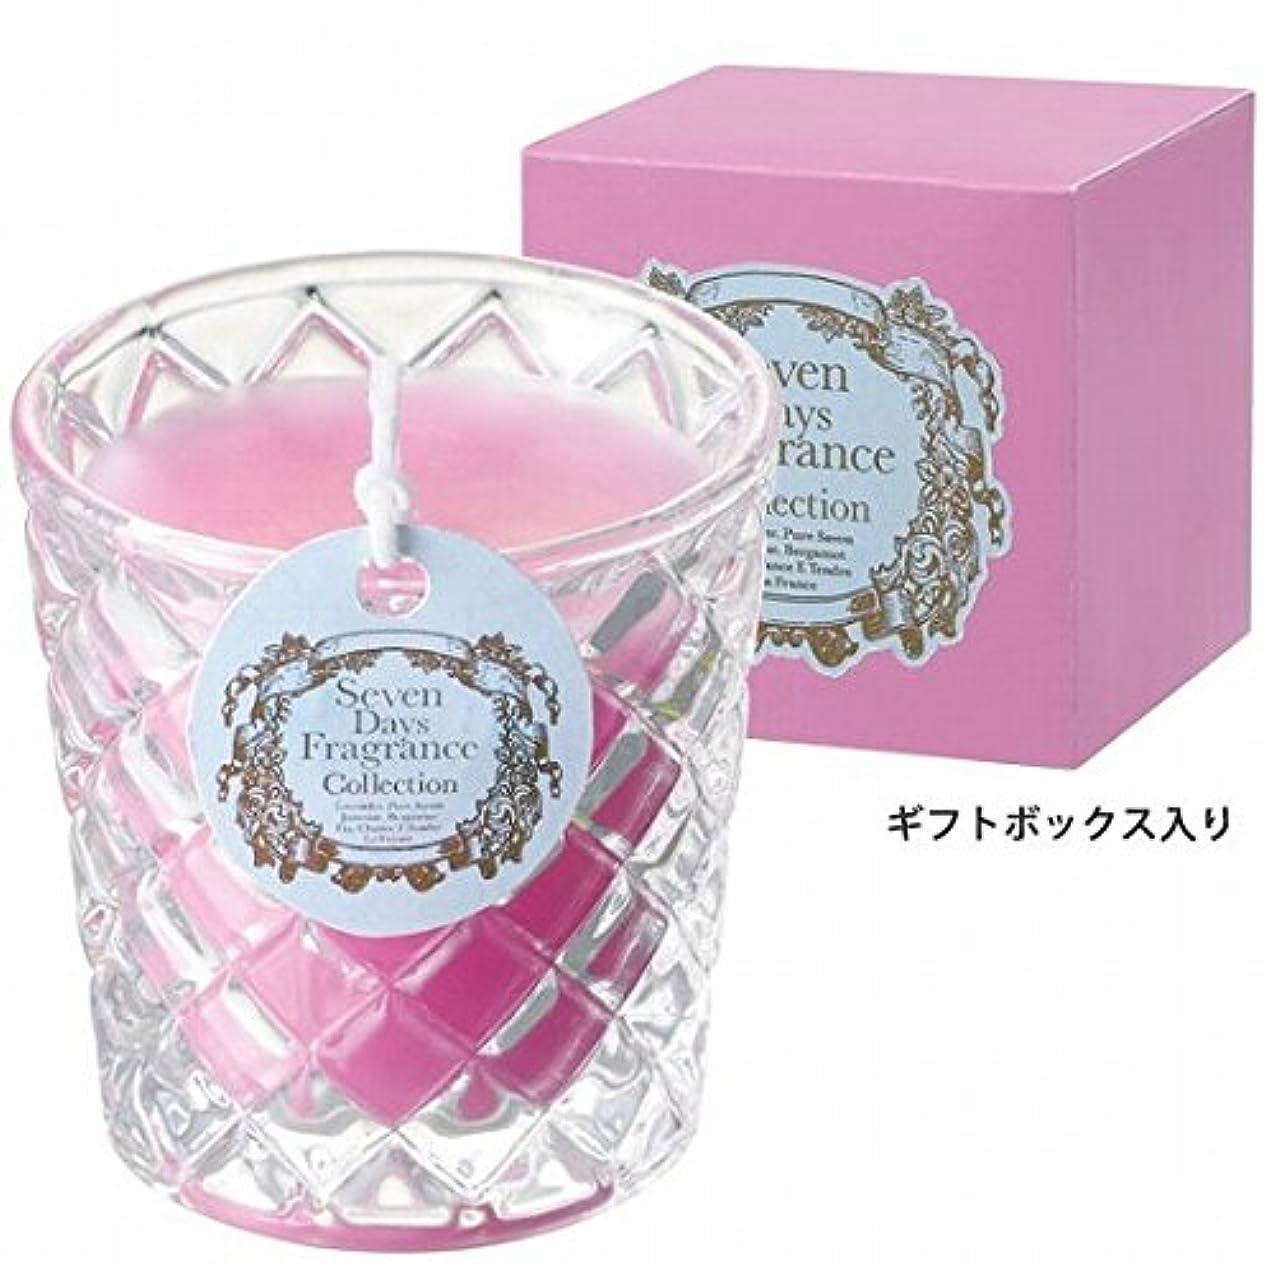 副過ちインタラクションカメヤマキャンドル(kameyama candle) セブンデイズグラスキャンドル(金曜日) 「 フローラルブーケ 」